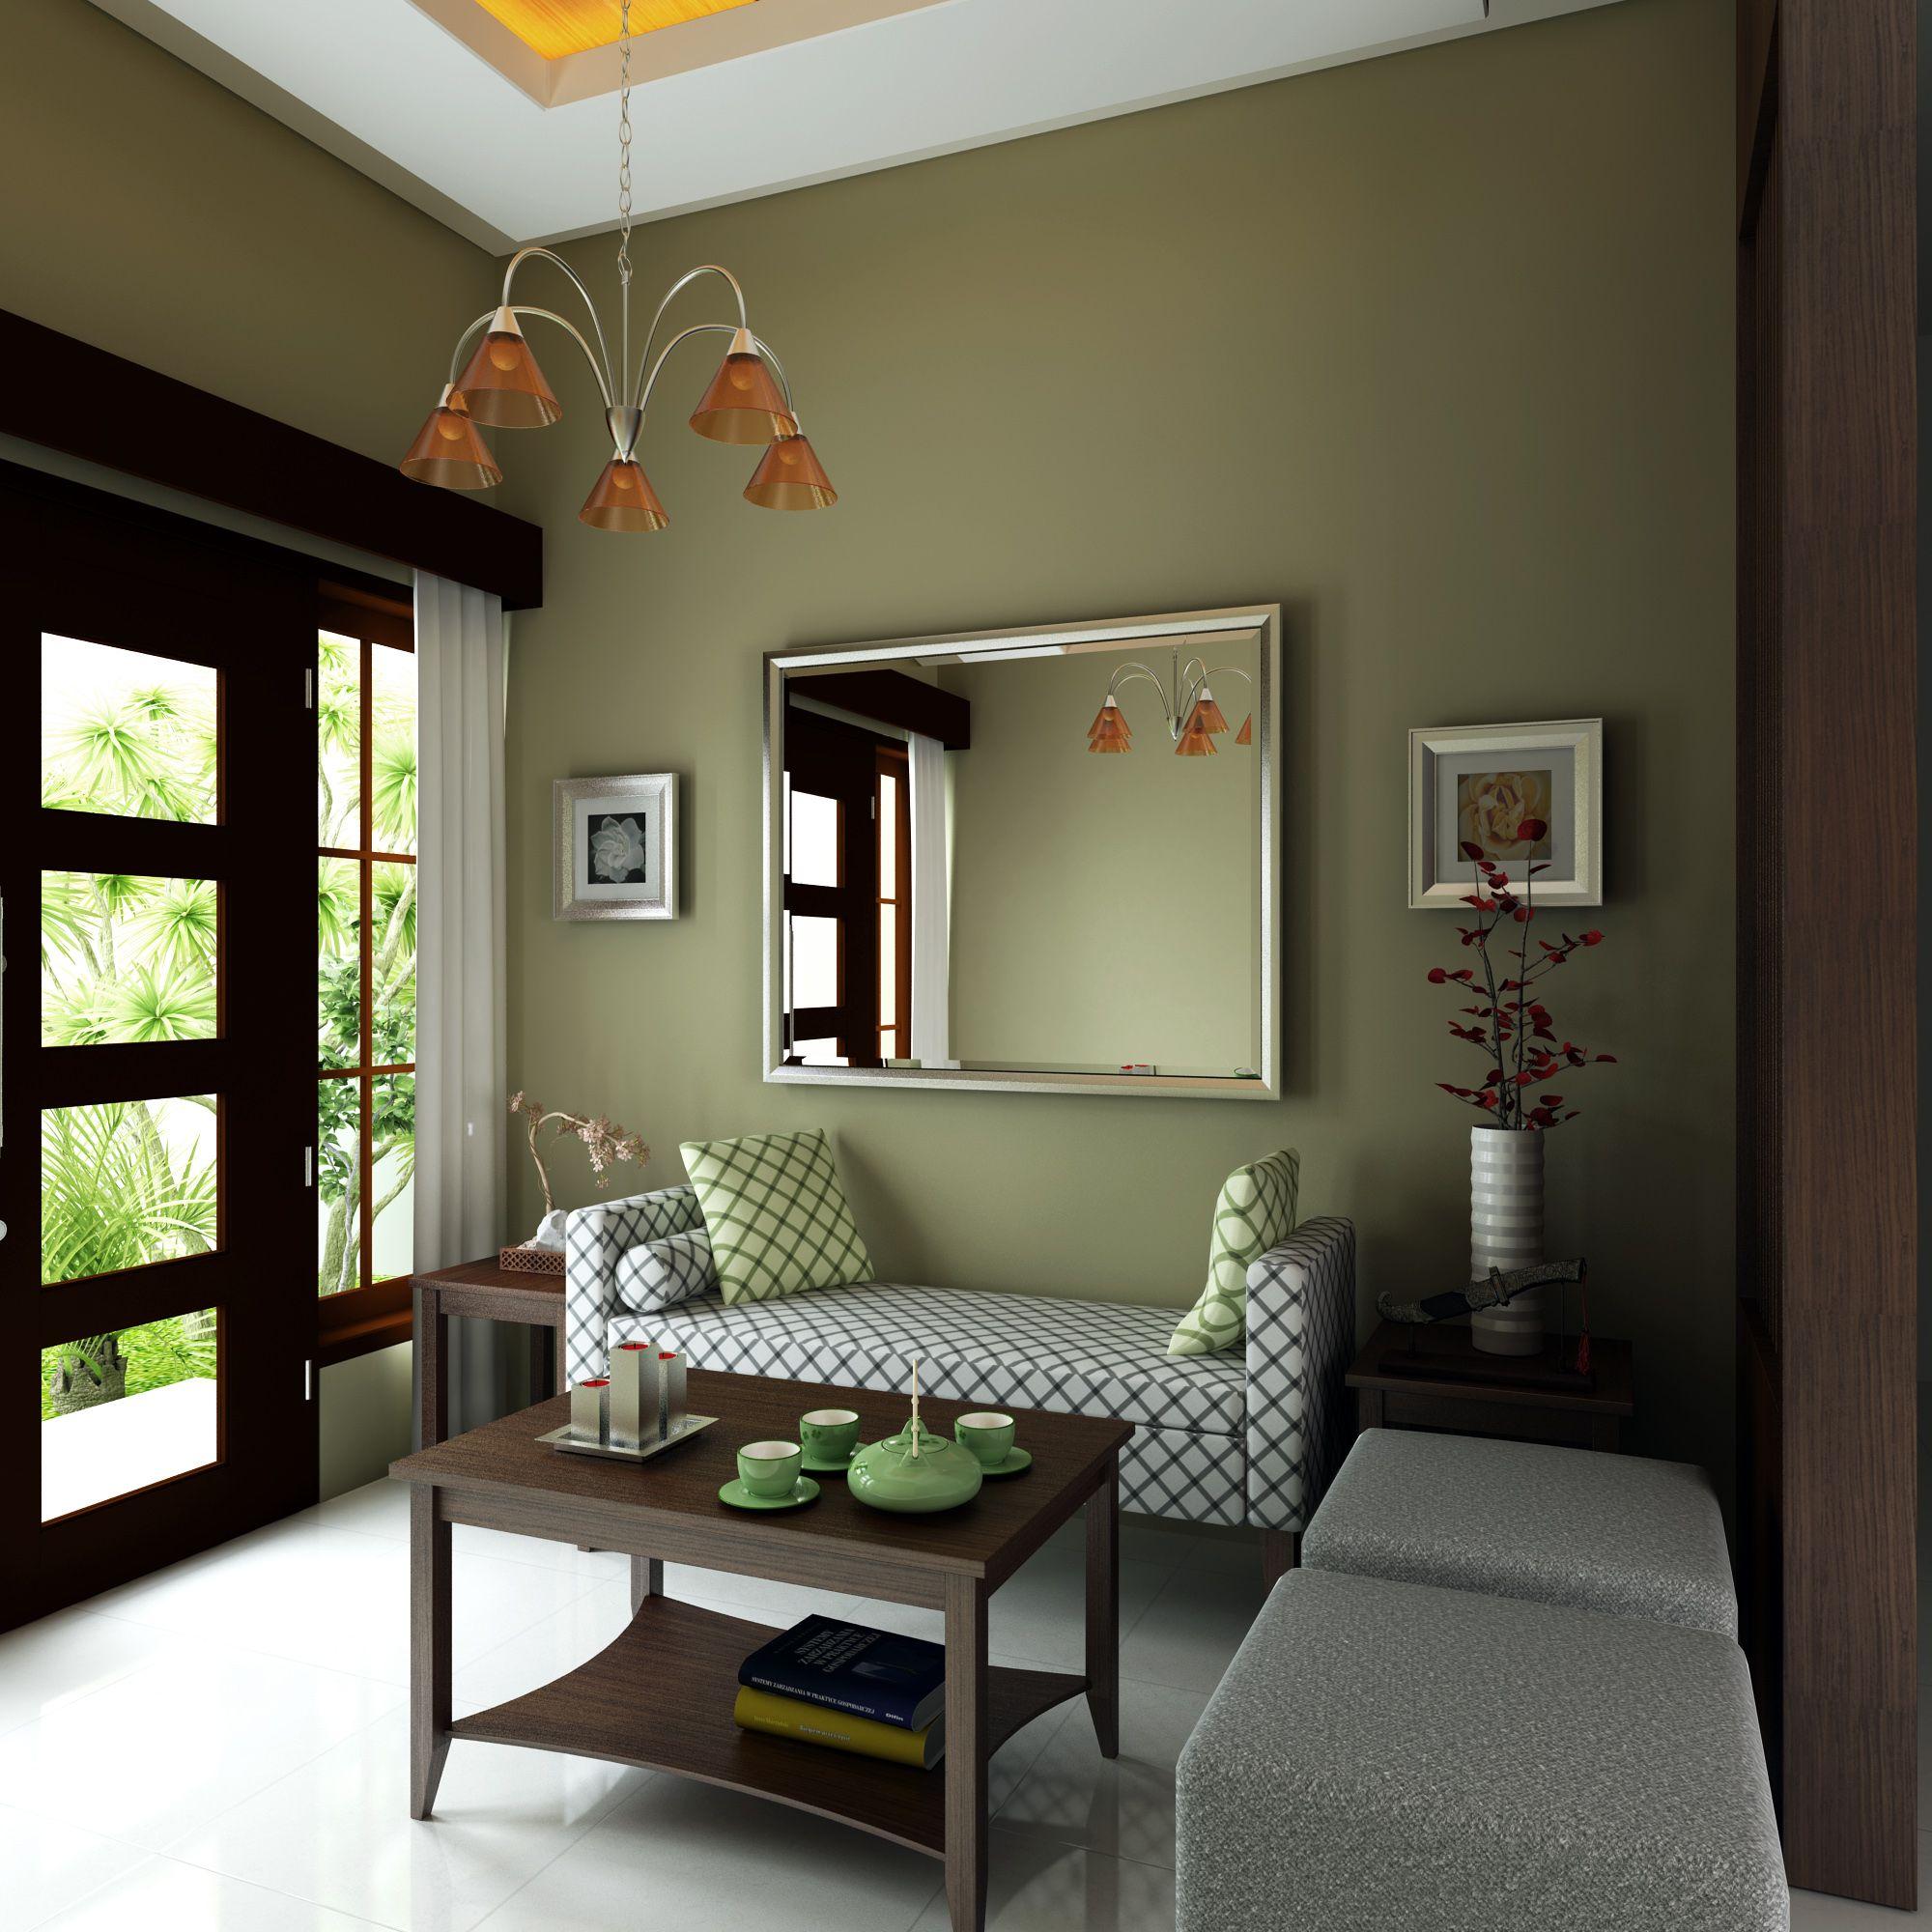 Pin De Esmeralda Pena En Kaso Interior Design Colores De Casas Interiores Interiores De Casa Decoracion De Interiores